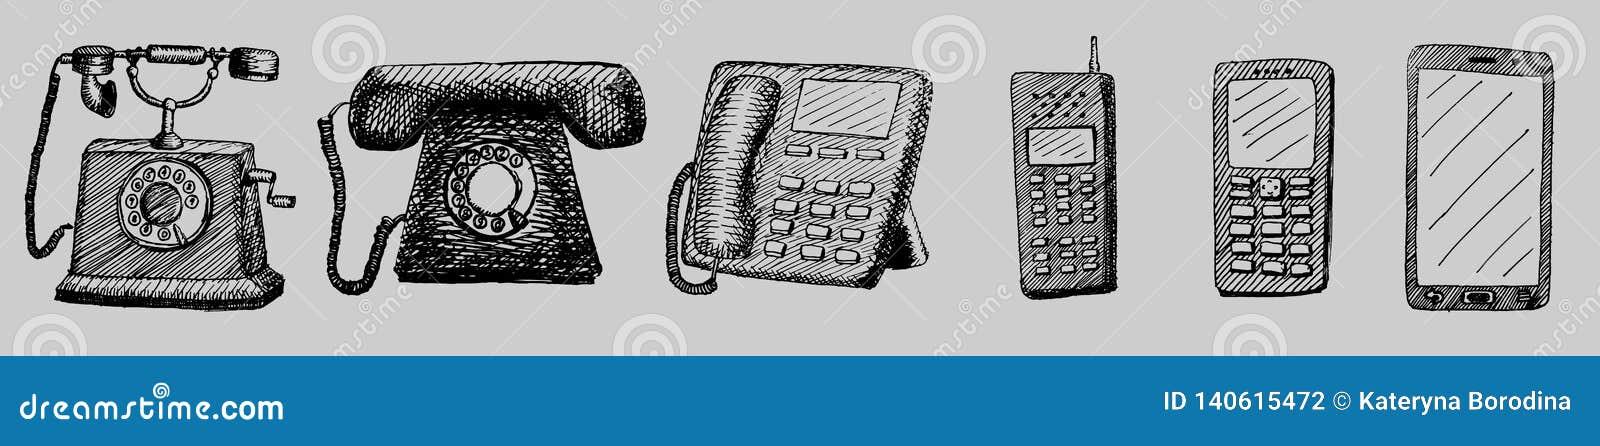 Ilustração tirada mão da evolução do telefone retro e nova